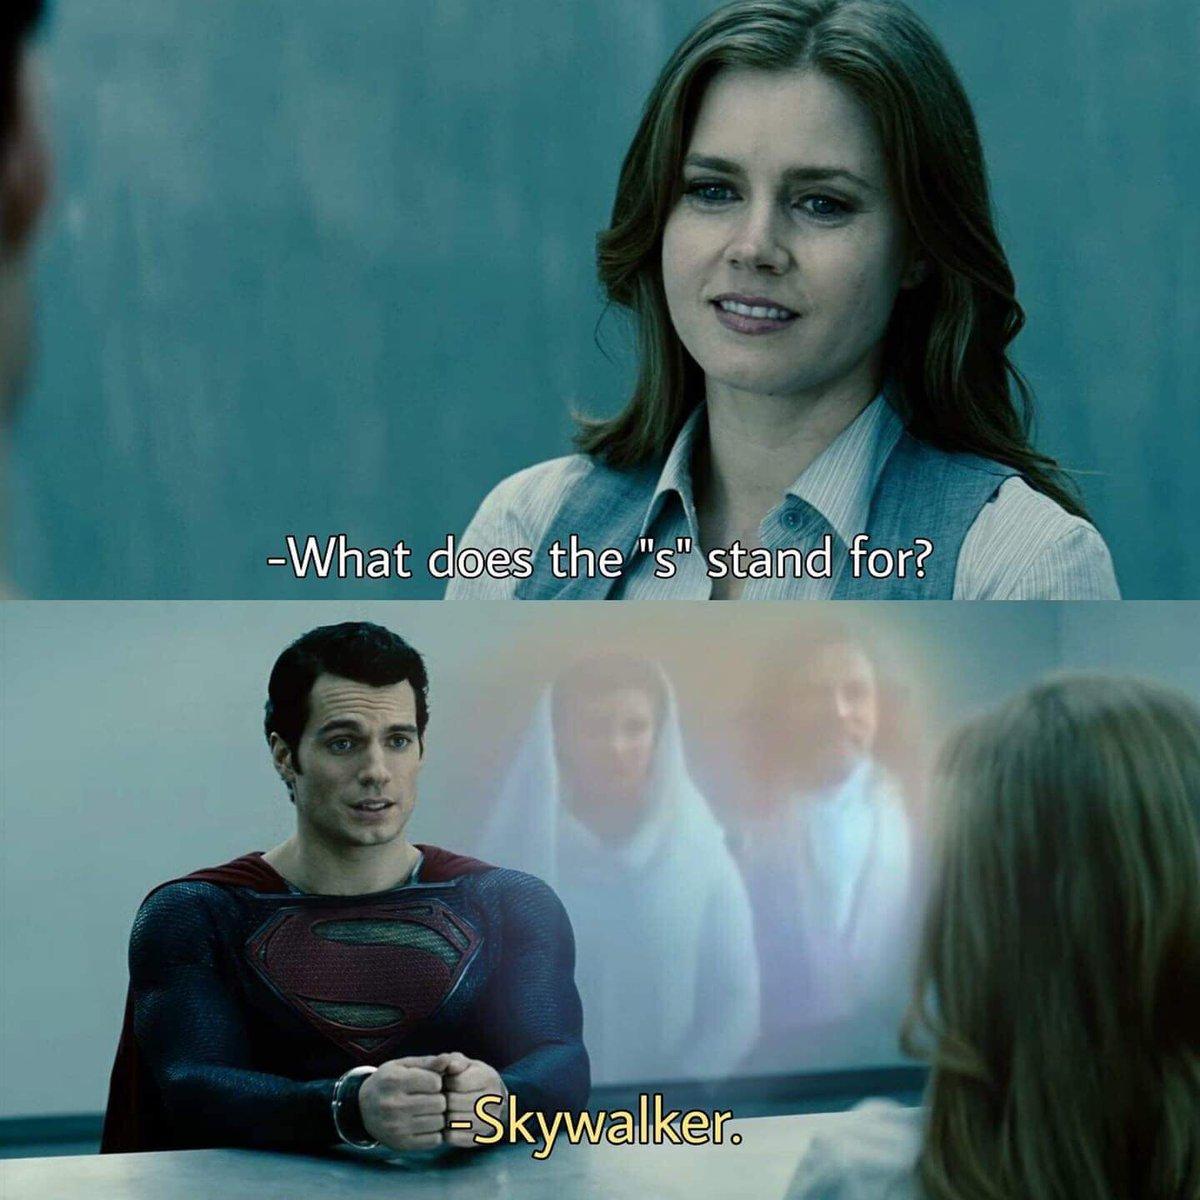 Superman s stand for Skywalker